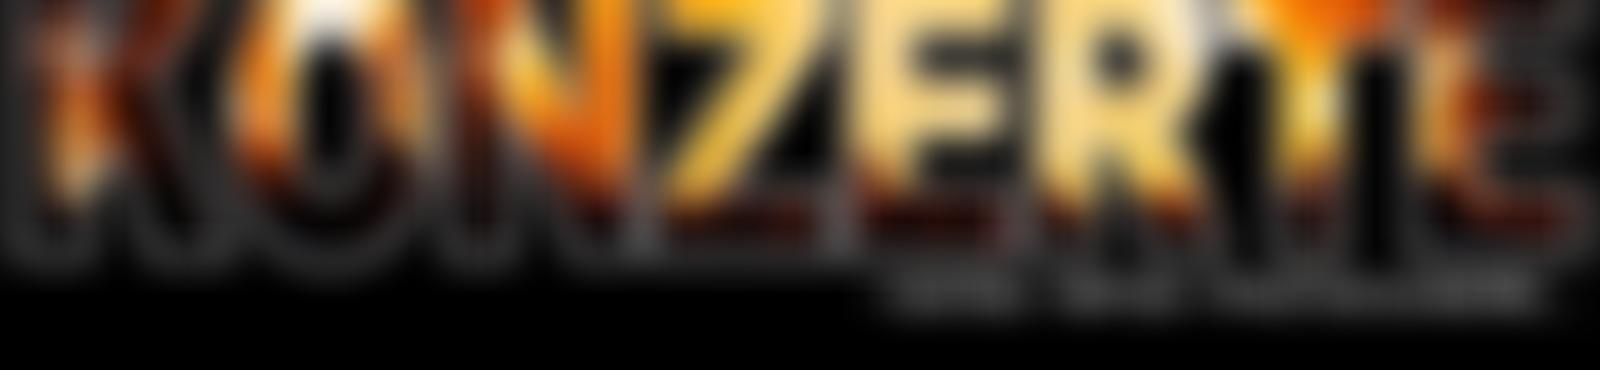 Blurred 1499535 722095754470060 207599606 n